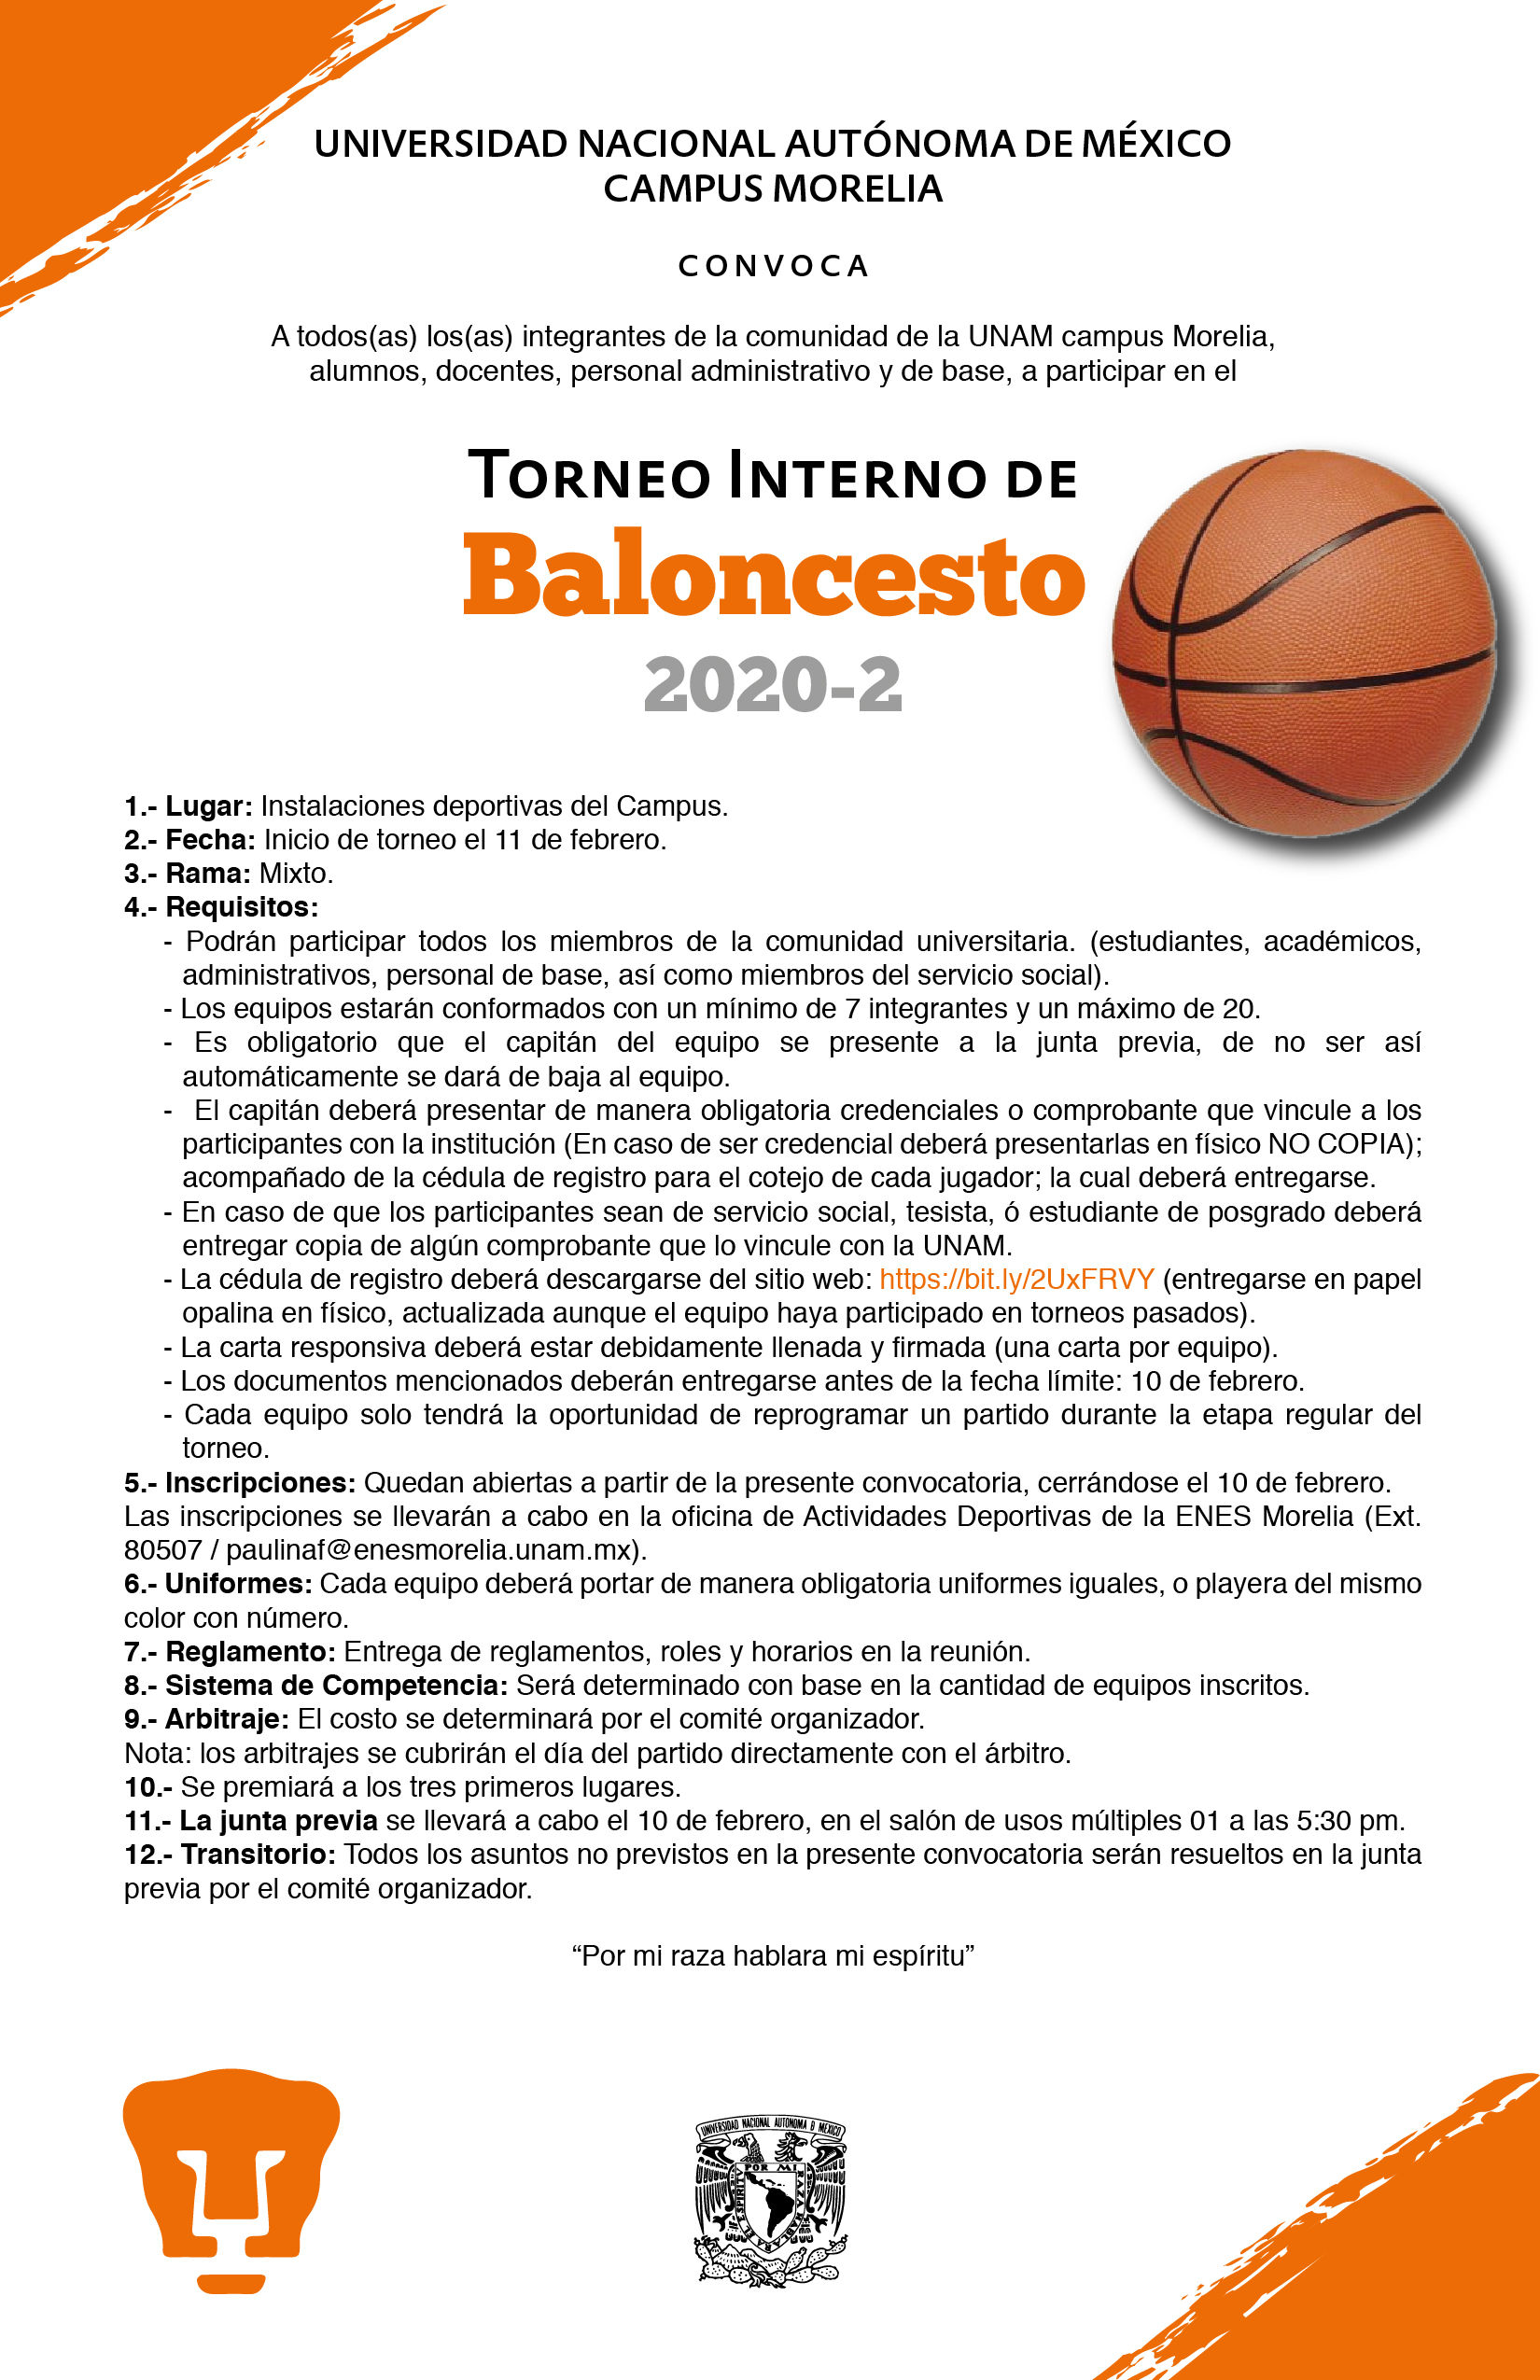 conv-deportivas-2020-2-01